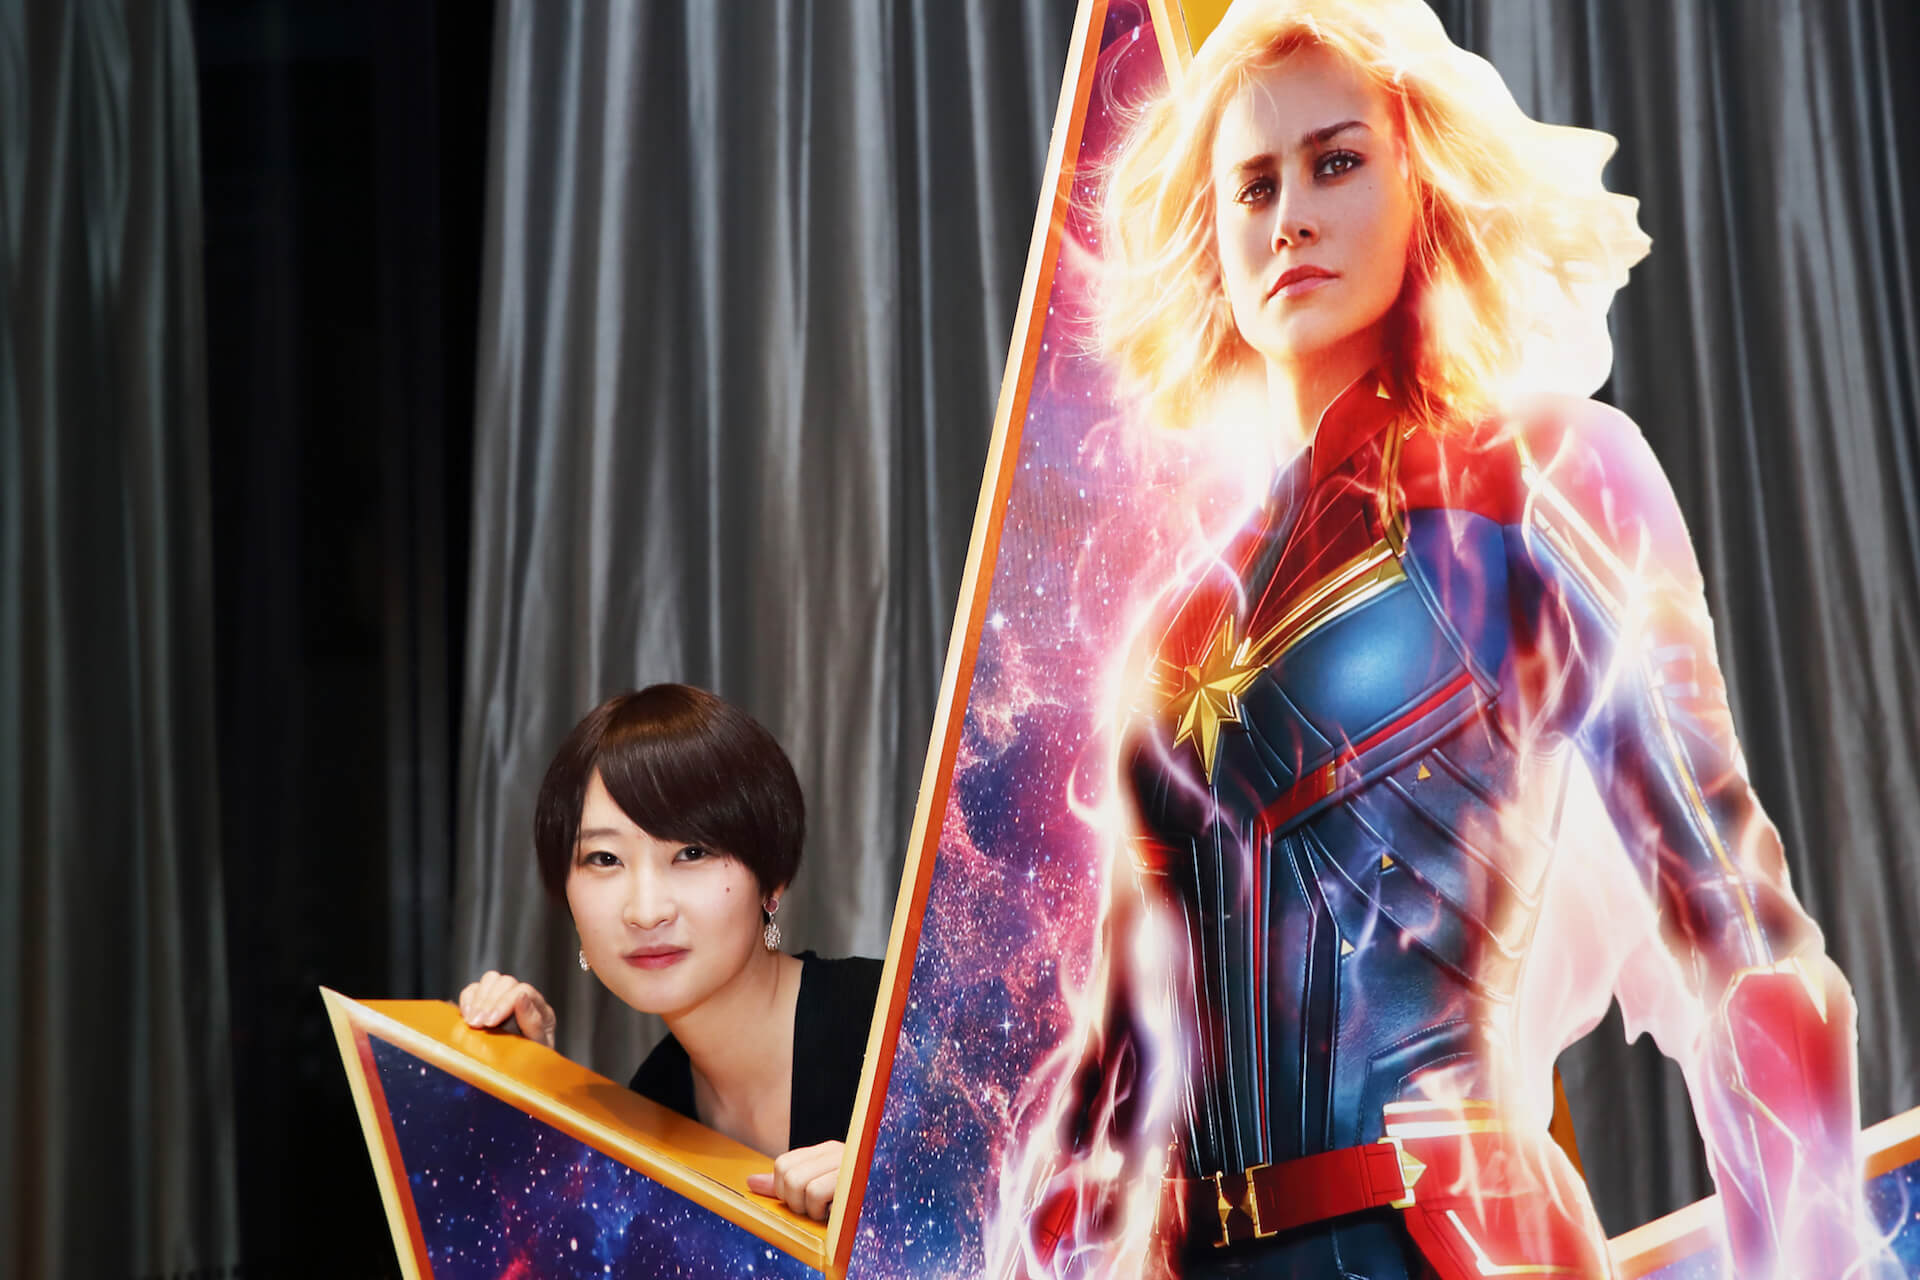 【チョーヒカル・インタビュー】最強の女性が最高!『キャプテン・マーベル』が照らすアベンジャーズとマーベルの未来 interview-captainmarvel-hikaru-cho-17